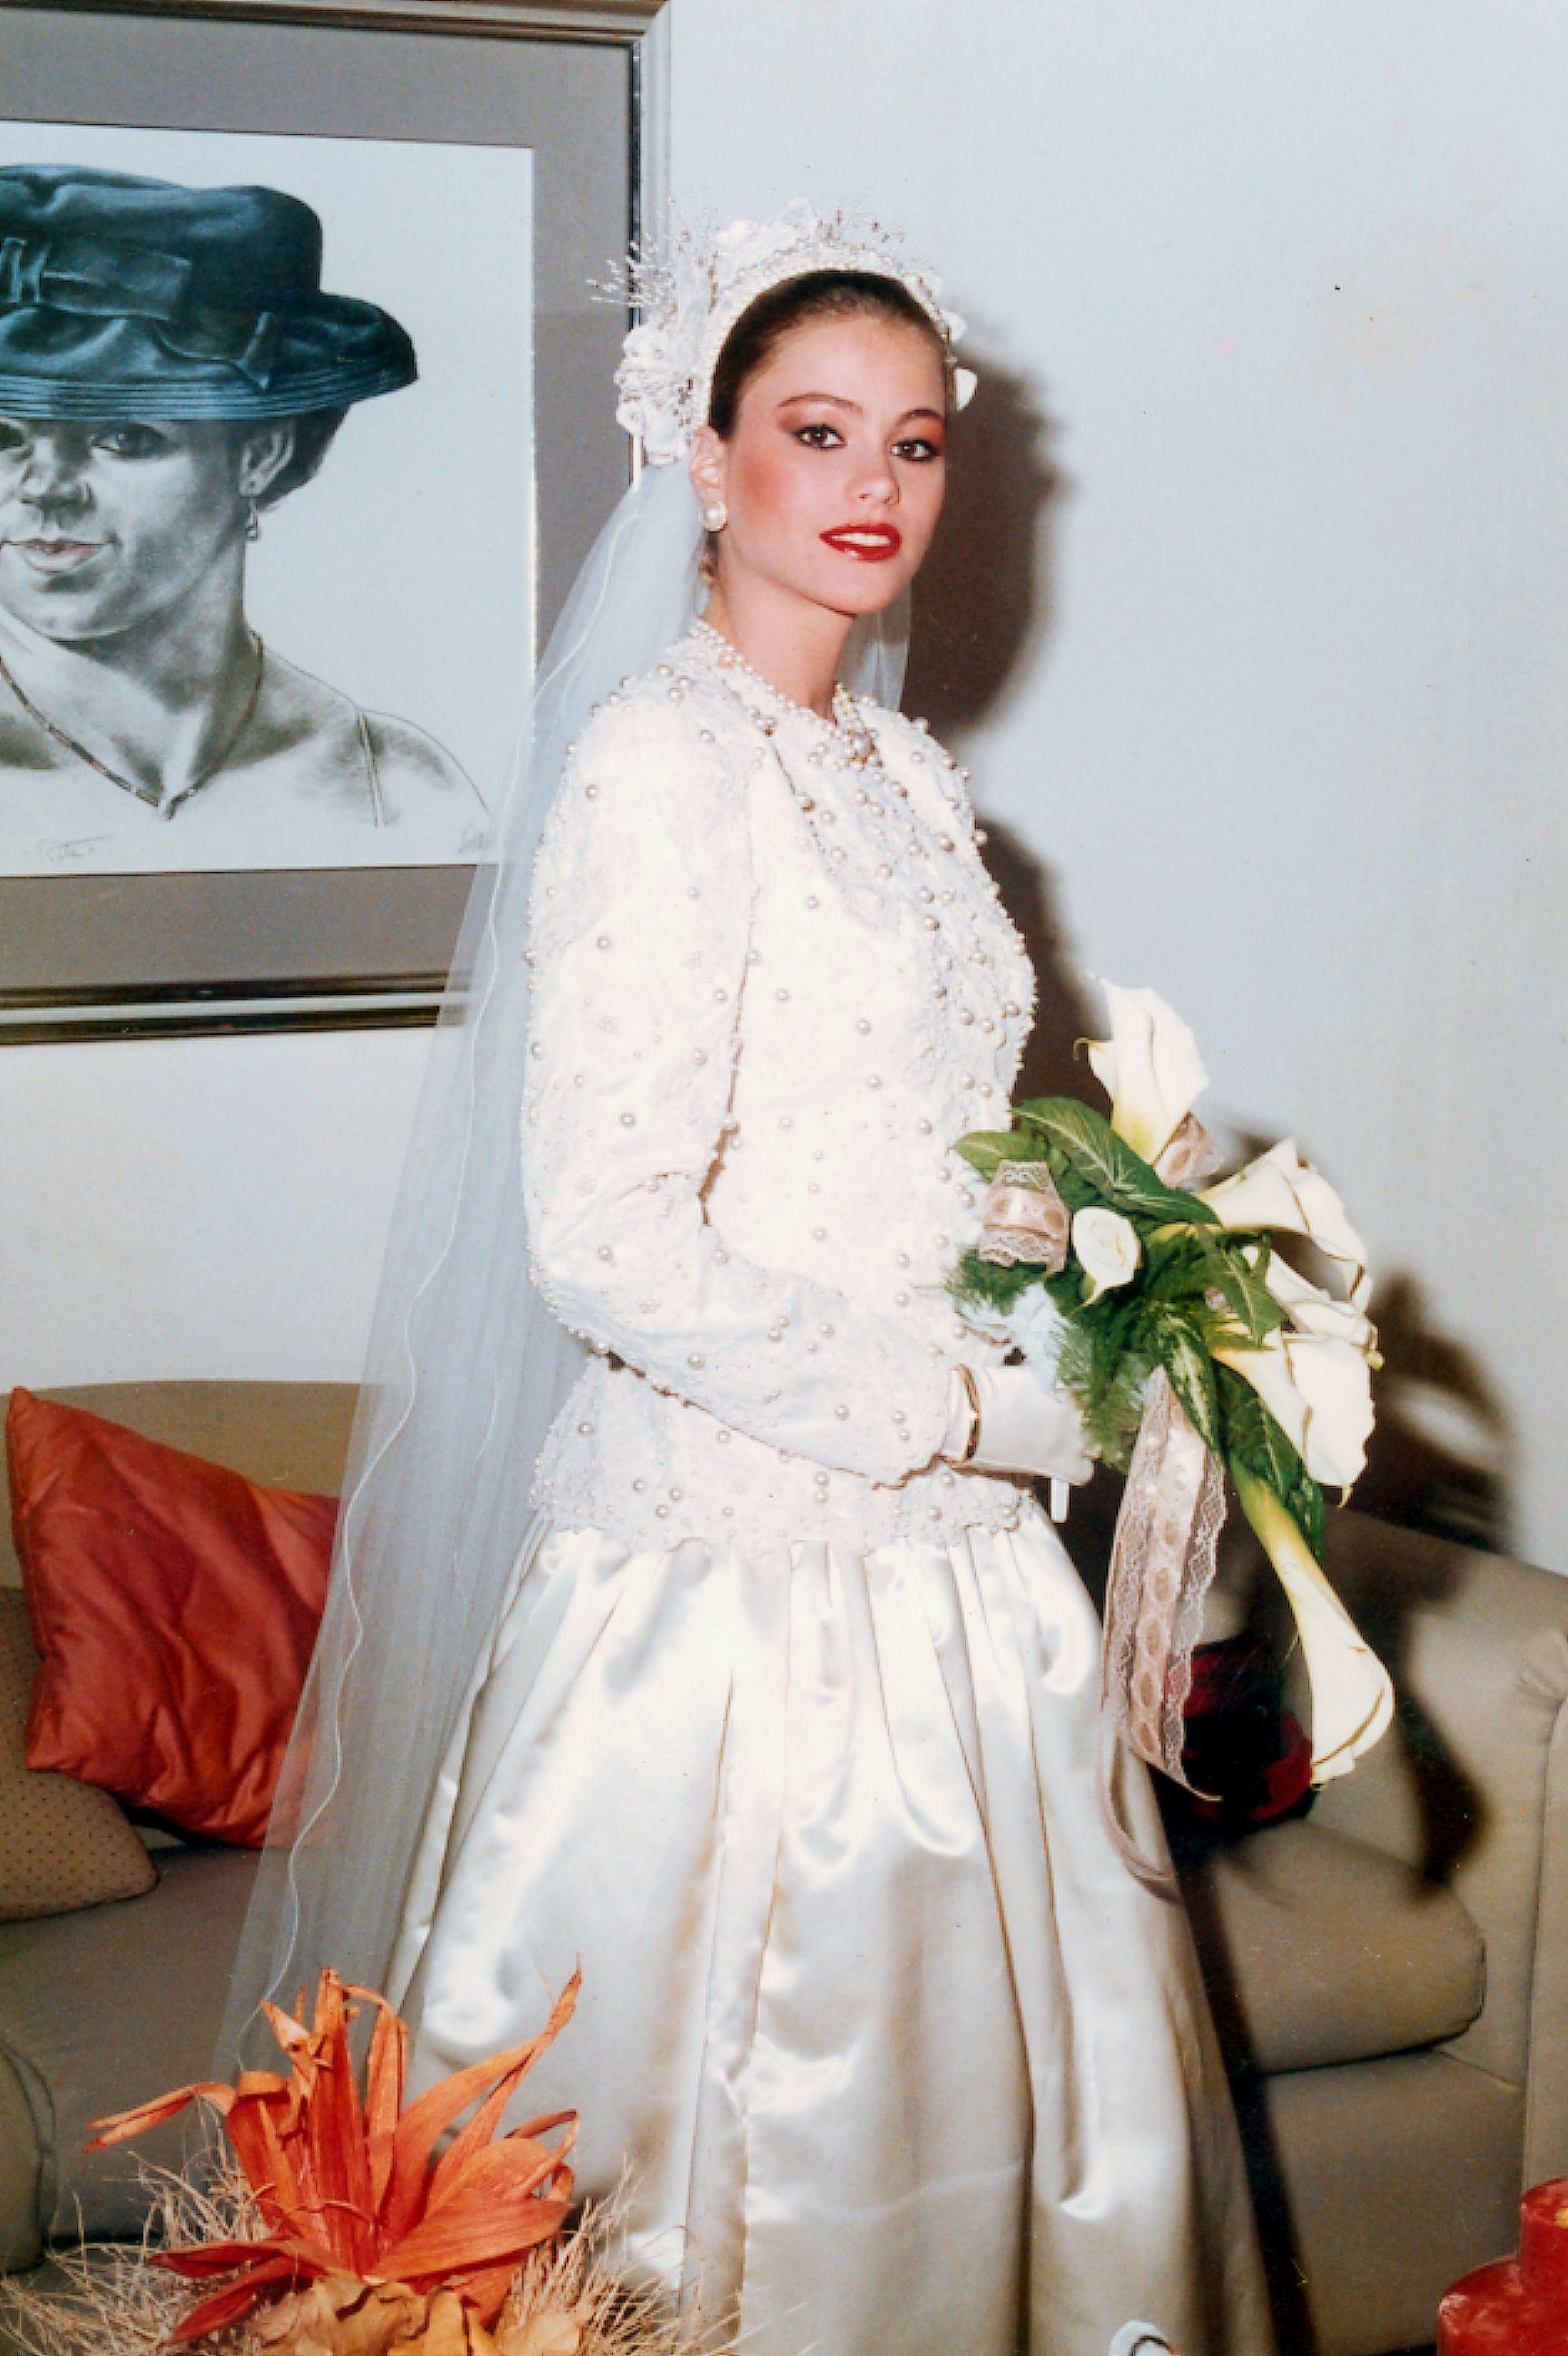 Sofia vergara wedding dress pictures